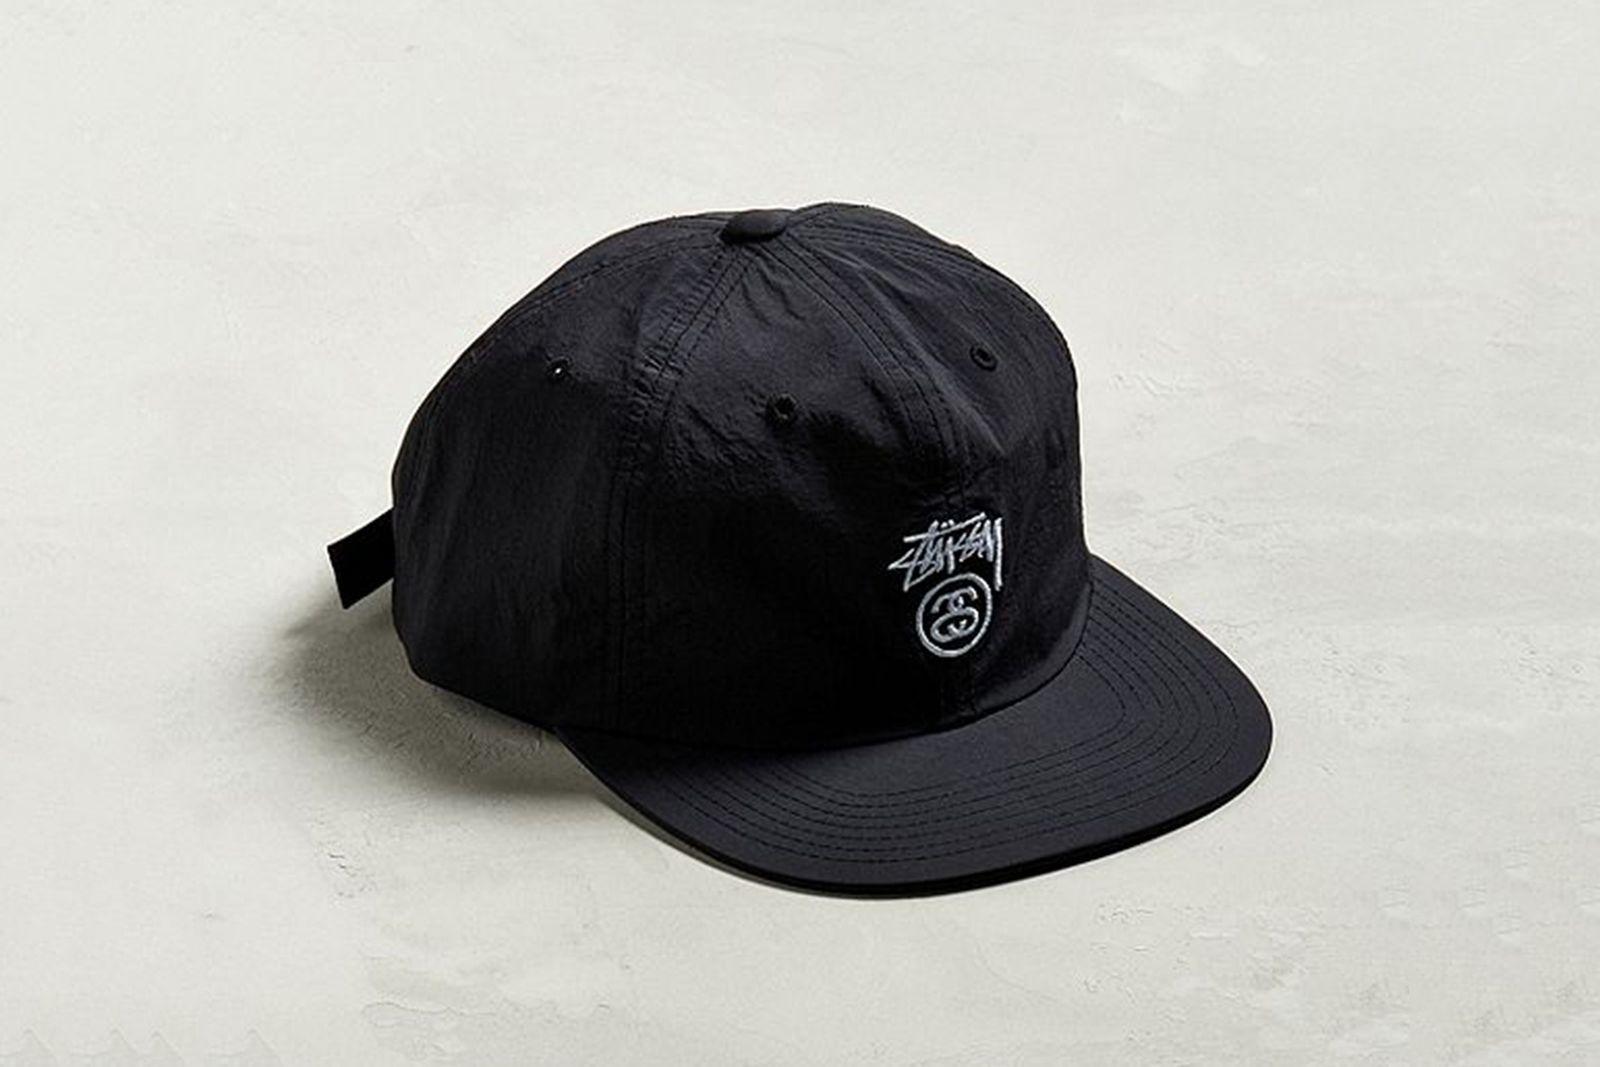 Stussy strapback Hat Guess Stüssy fila